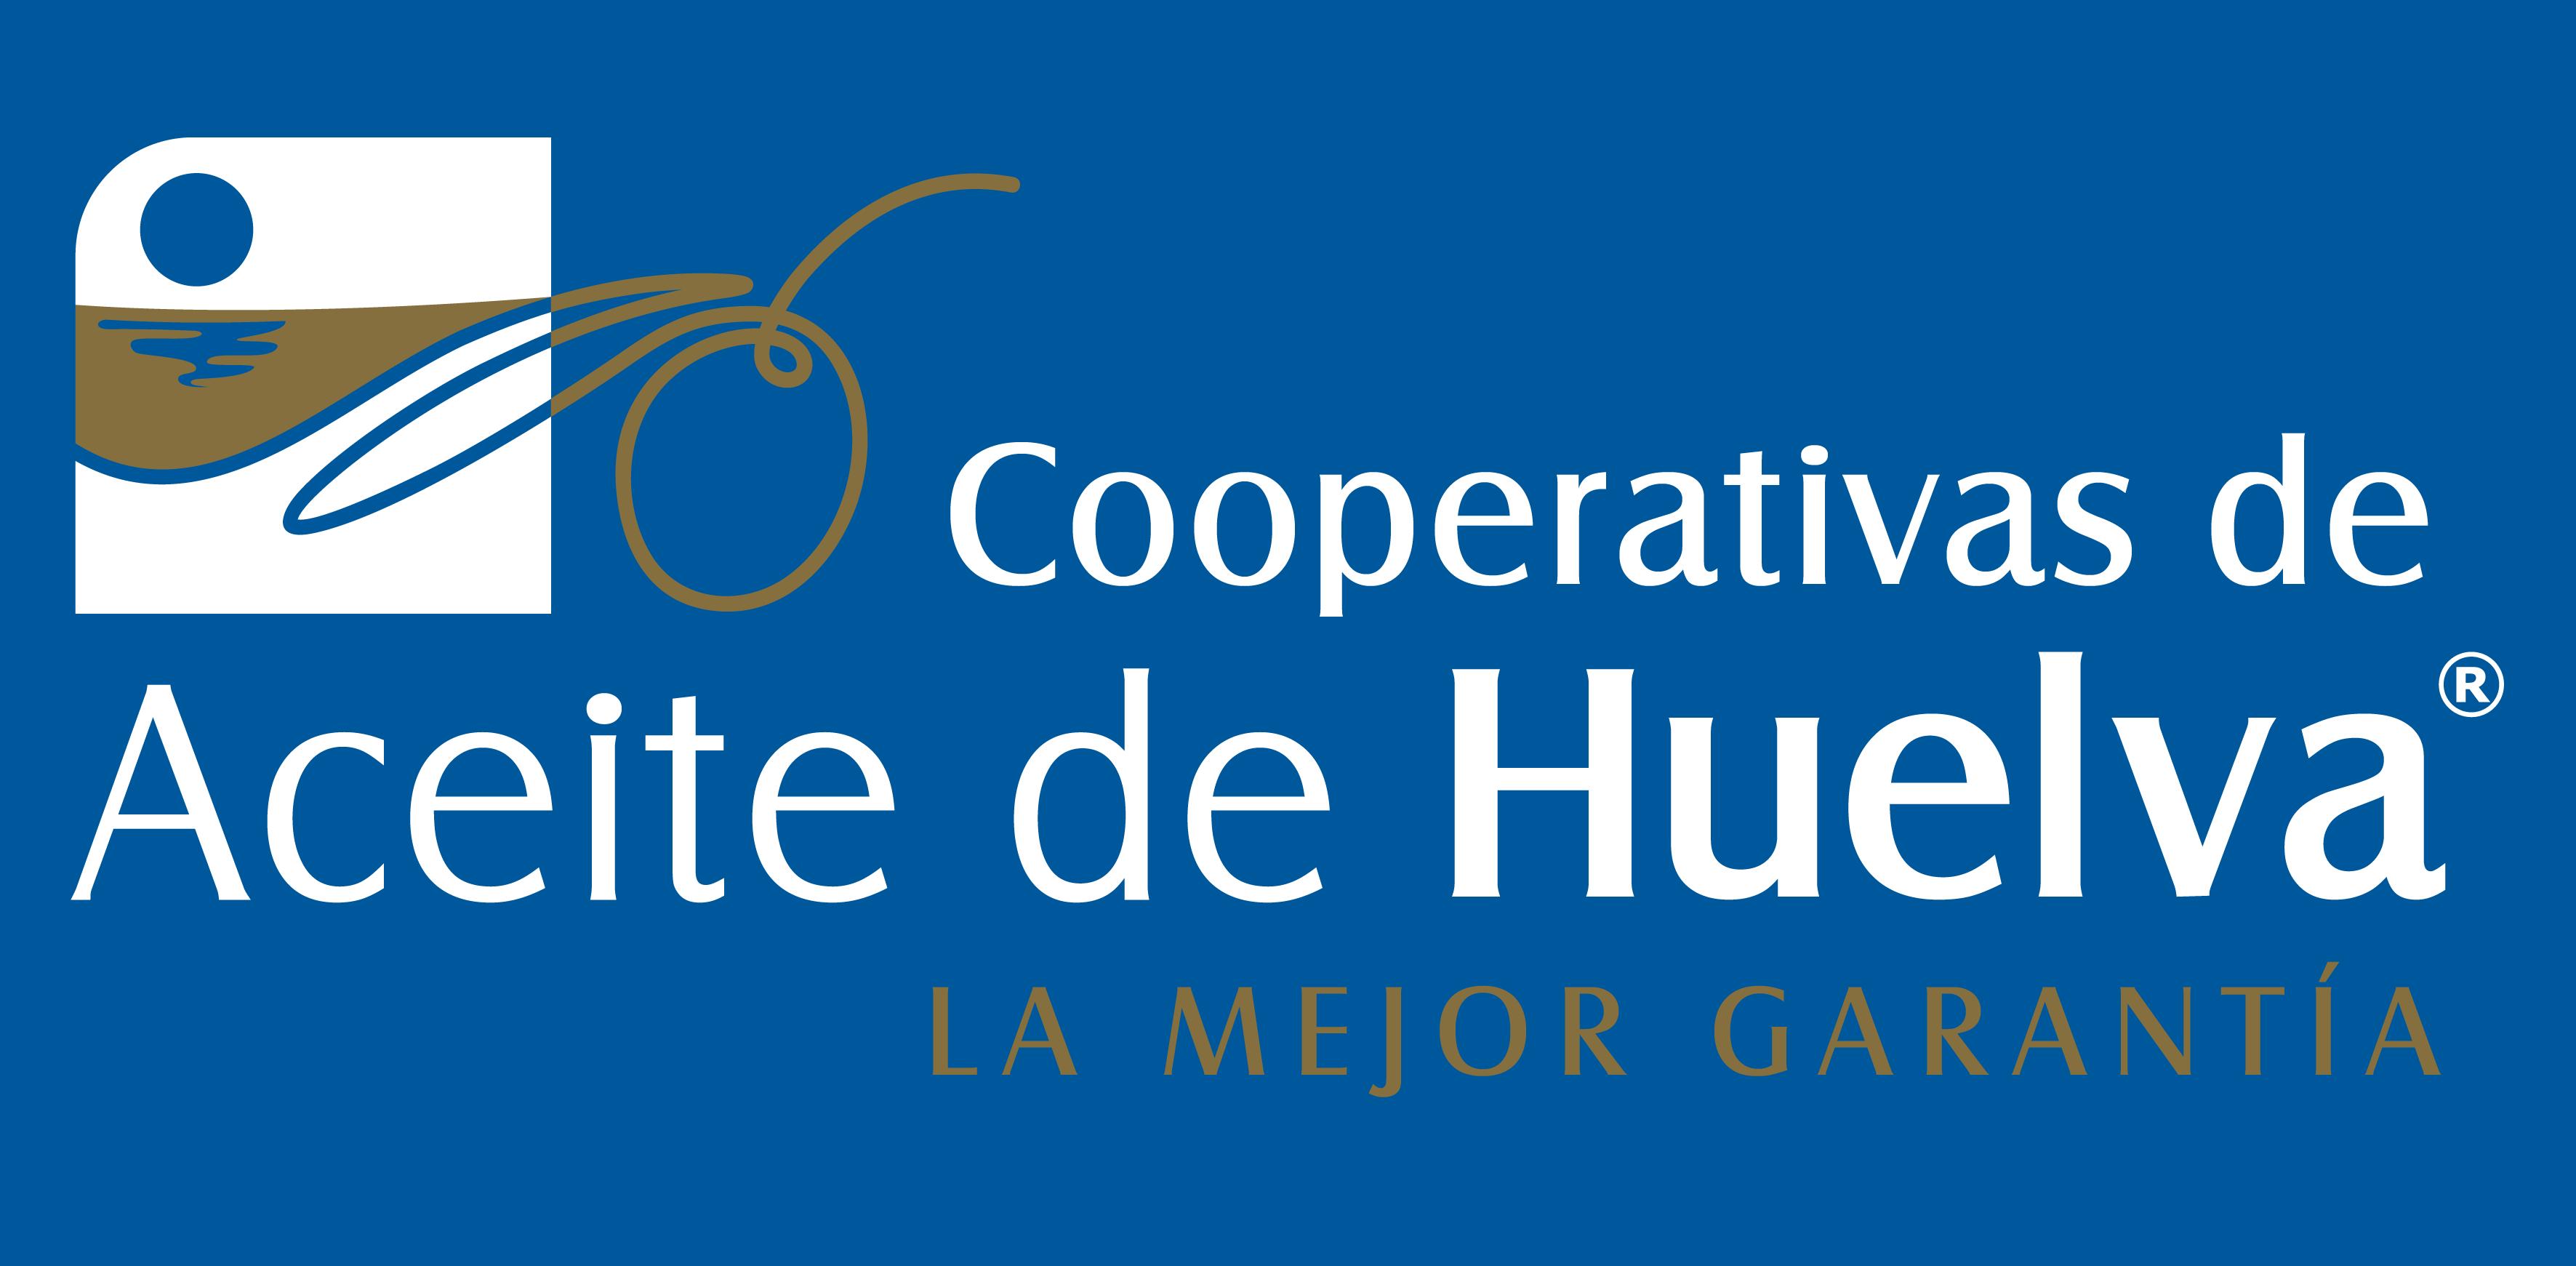 Aceite de Huelva